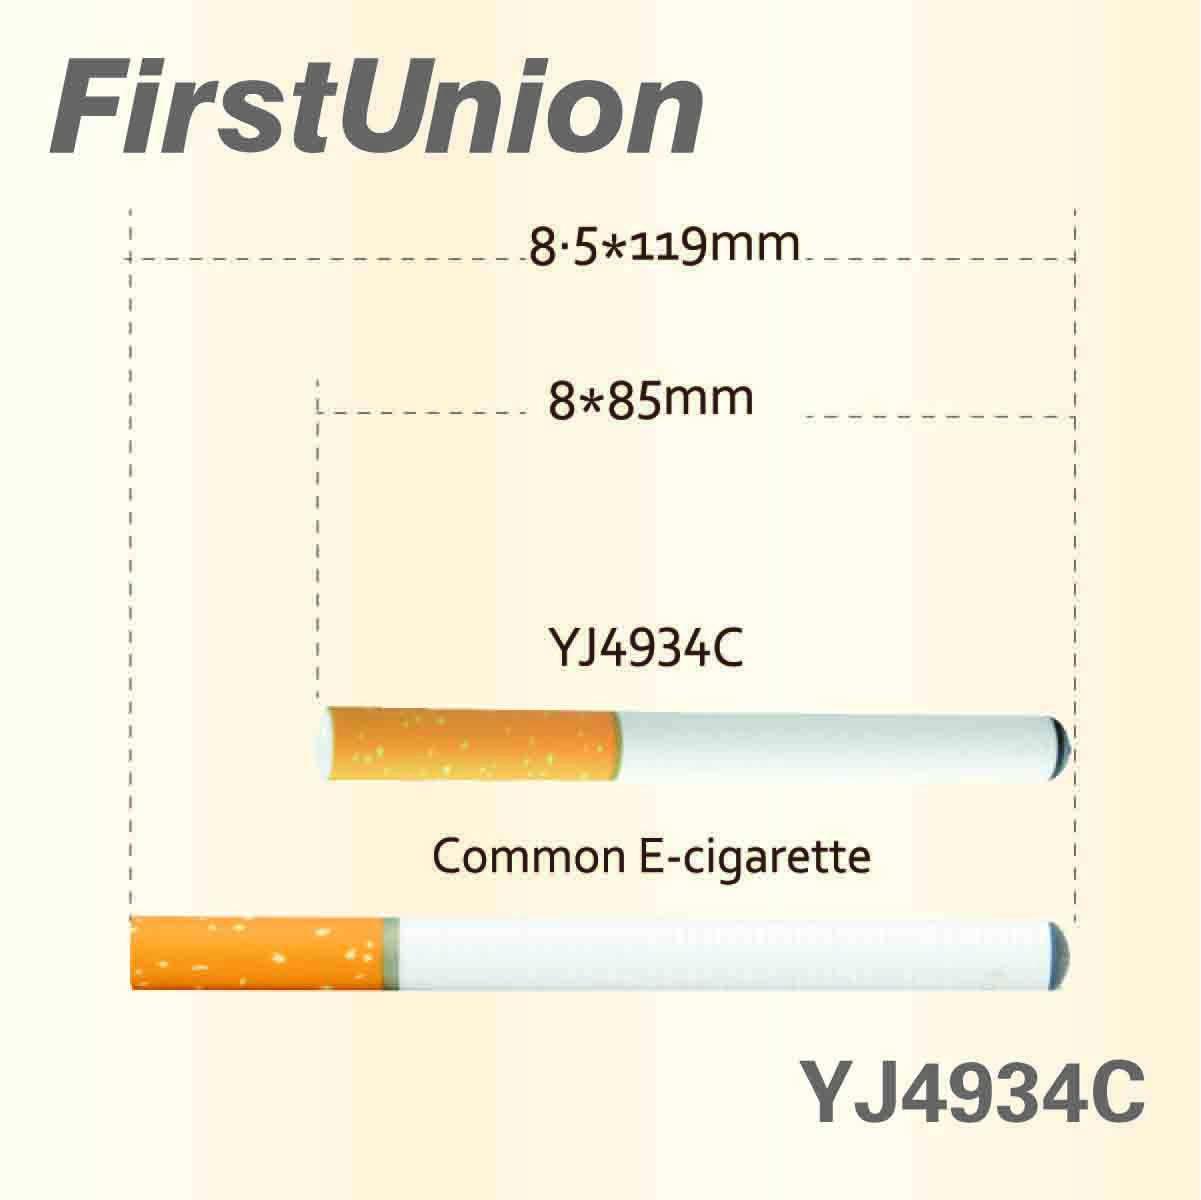 Disposable E-cigarette YJ4934C